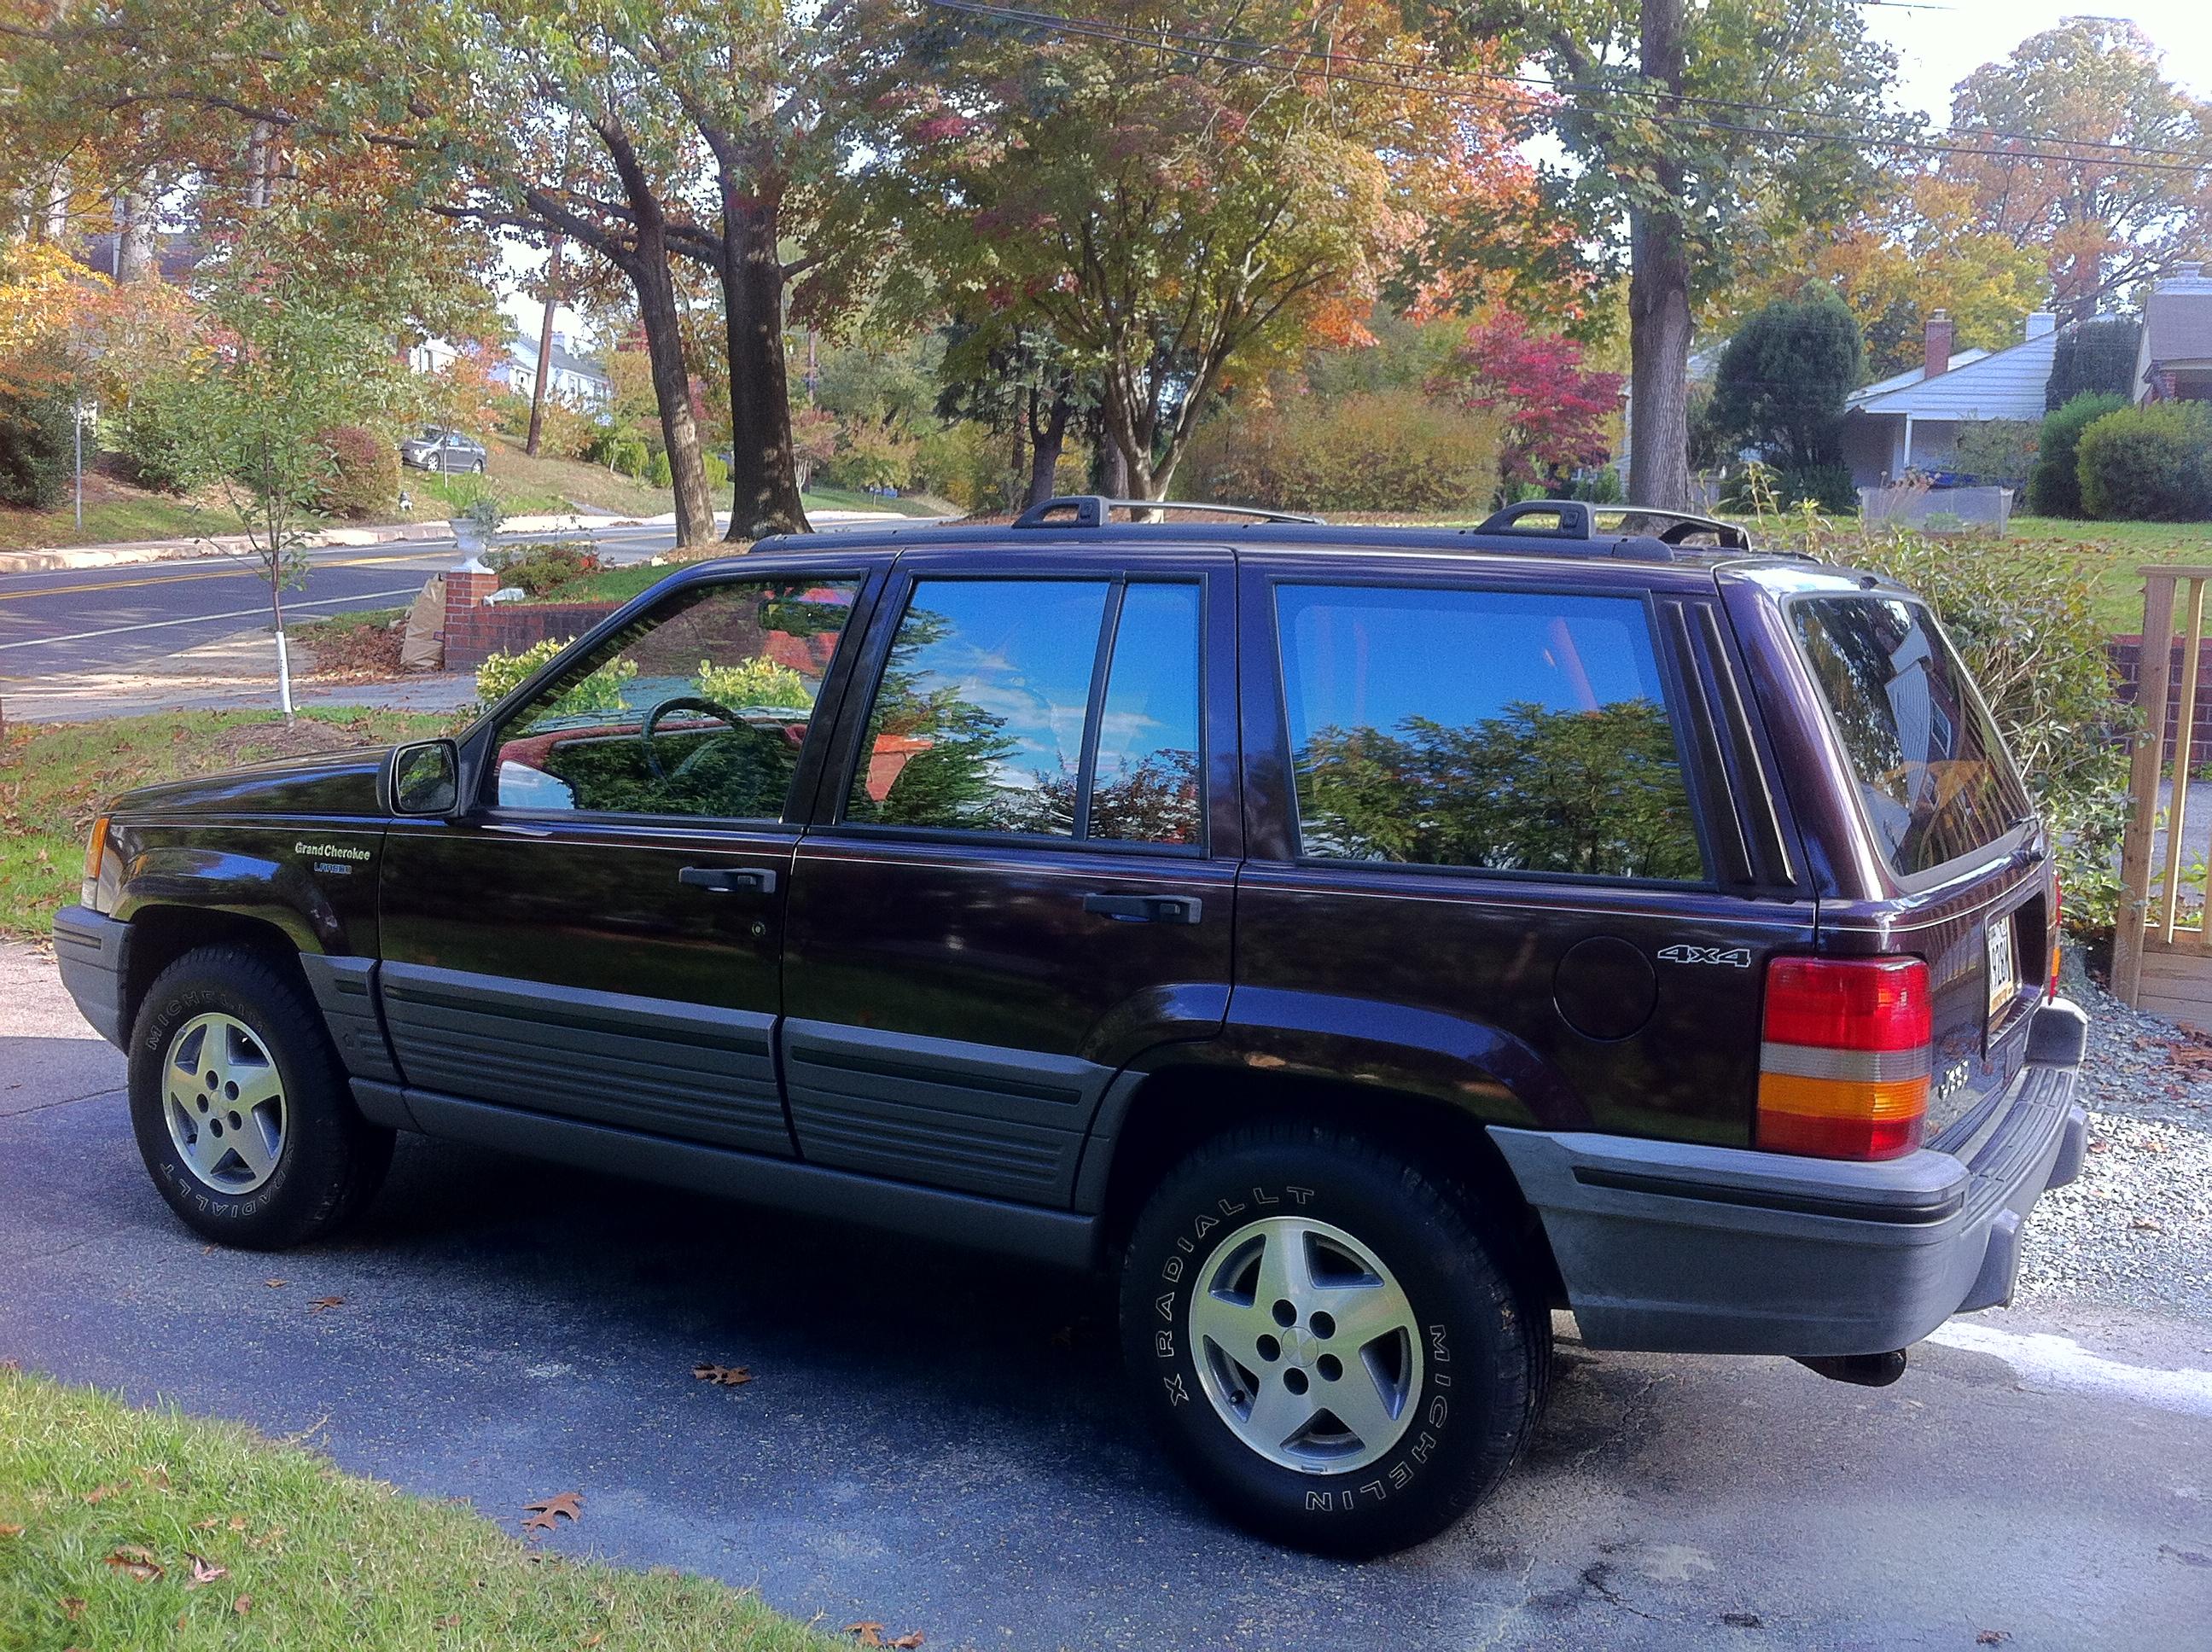 file:1993 jeep grand cherokee laredo - blackberry with crimson